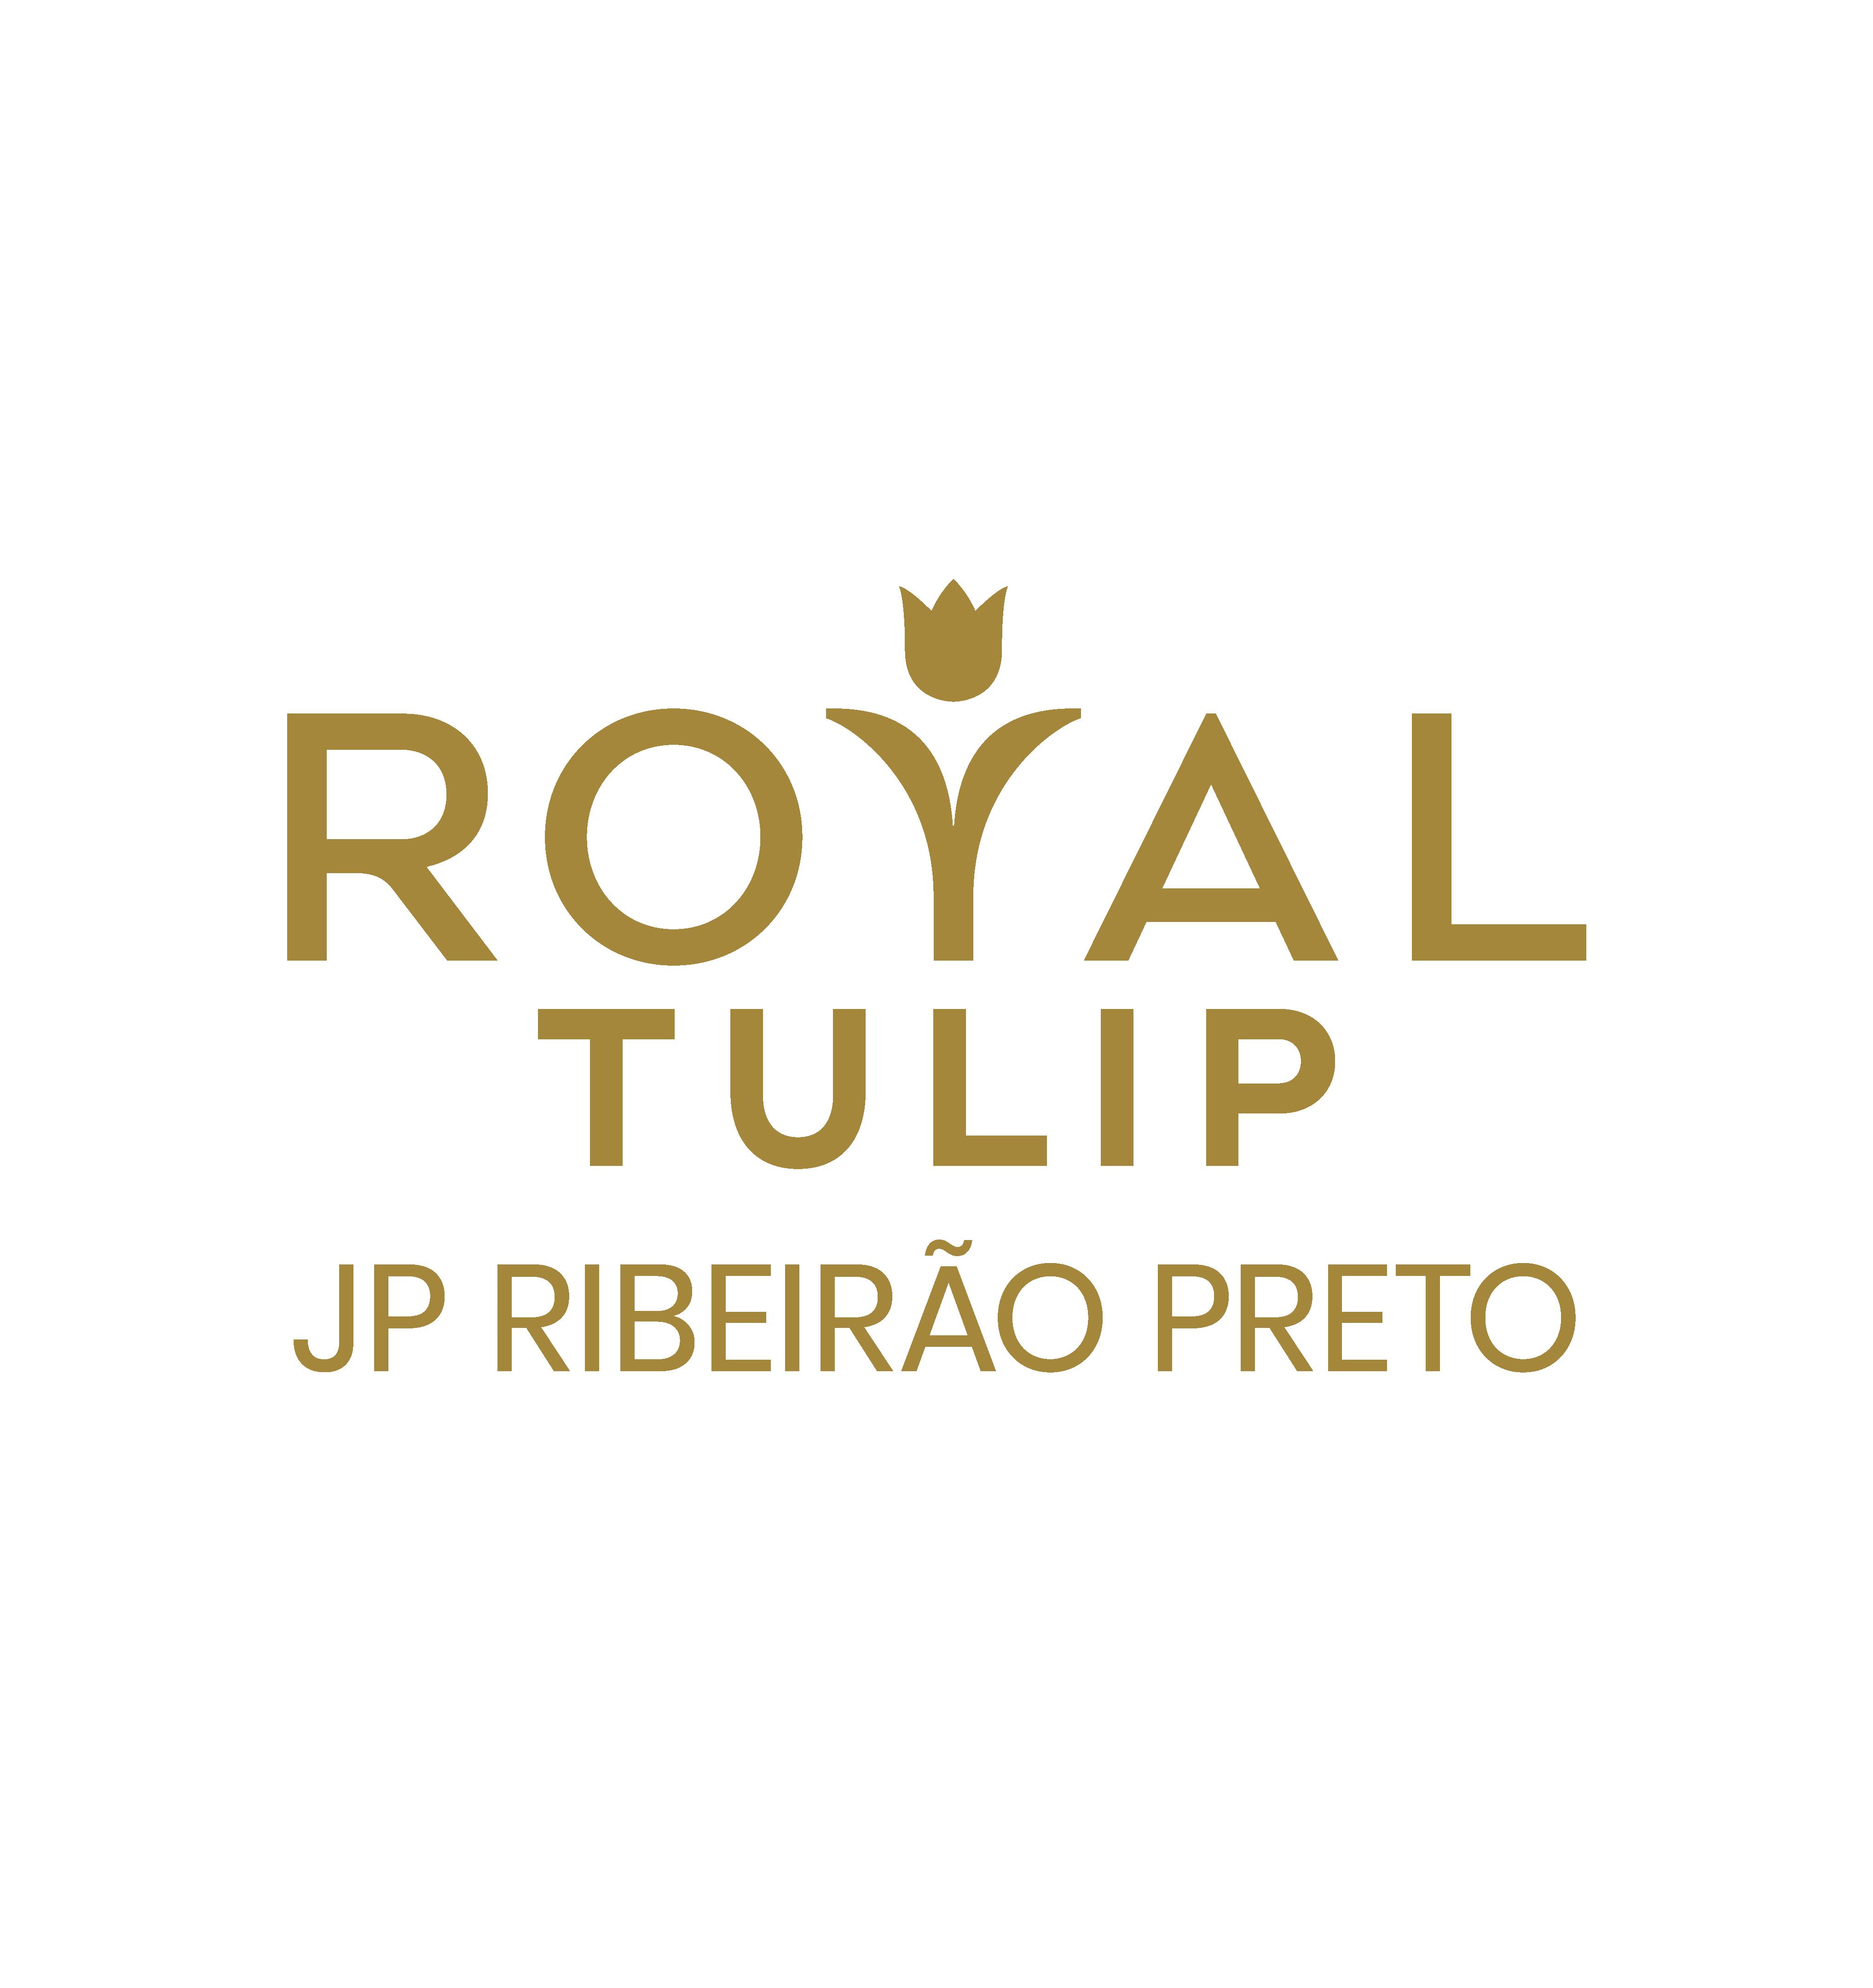 Royal Tulip JP Ribeirão Preto